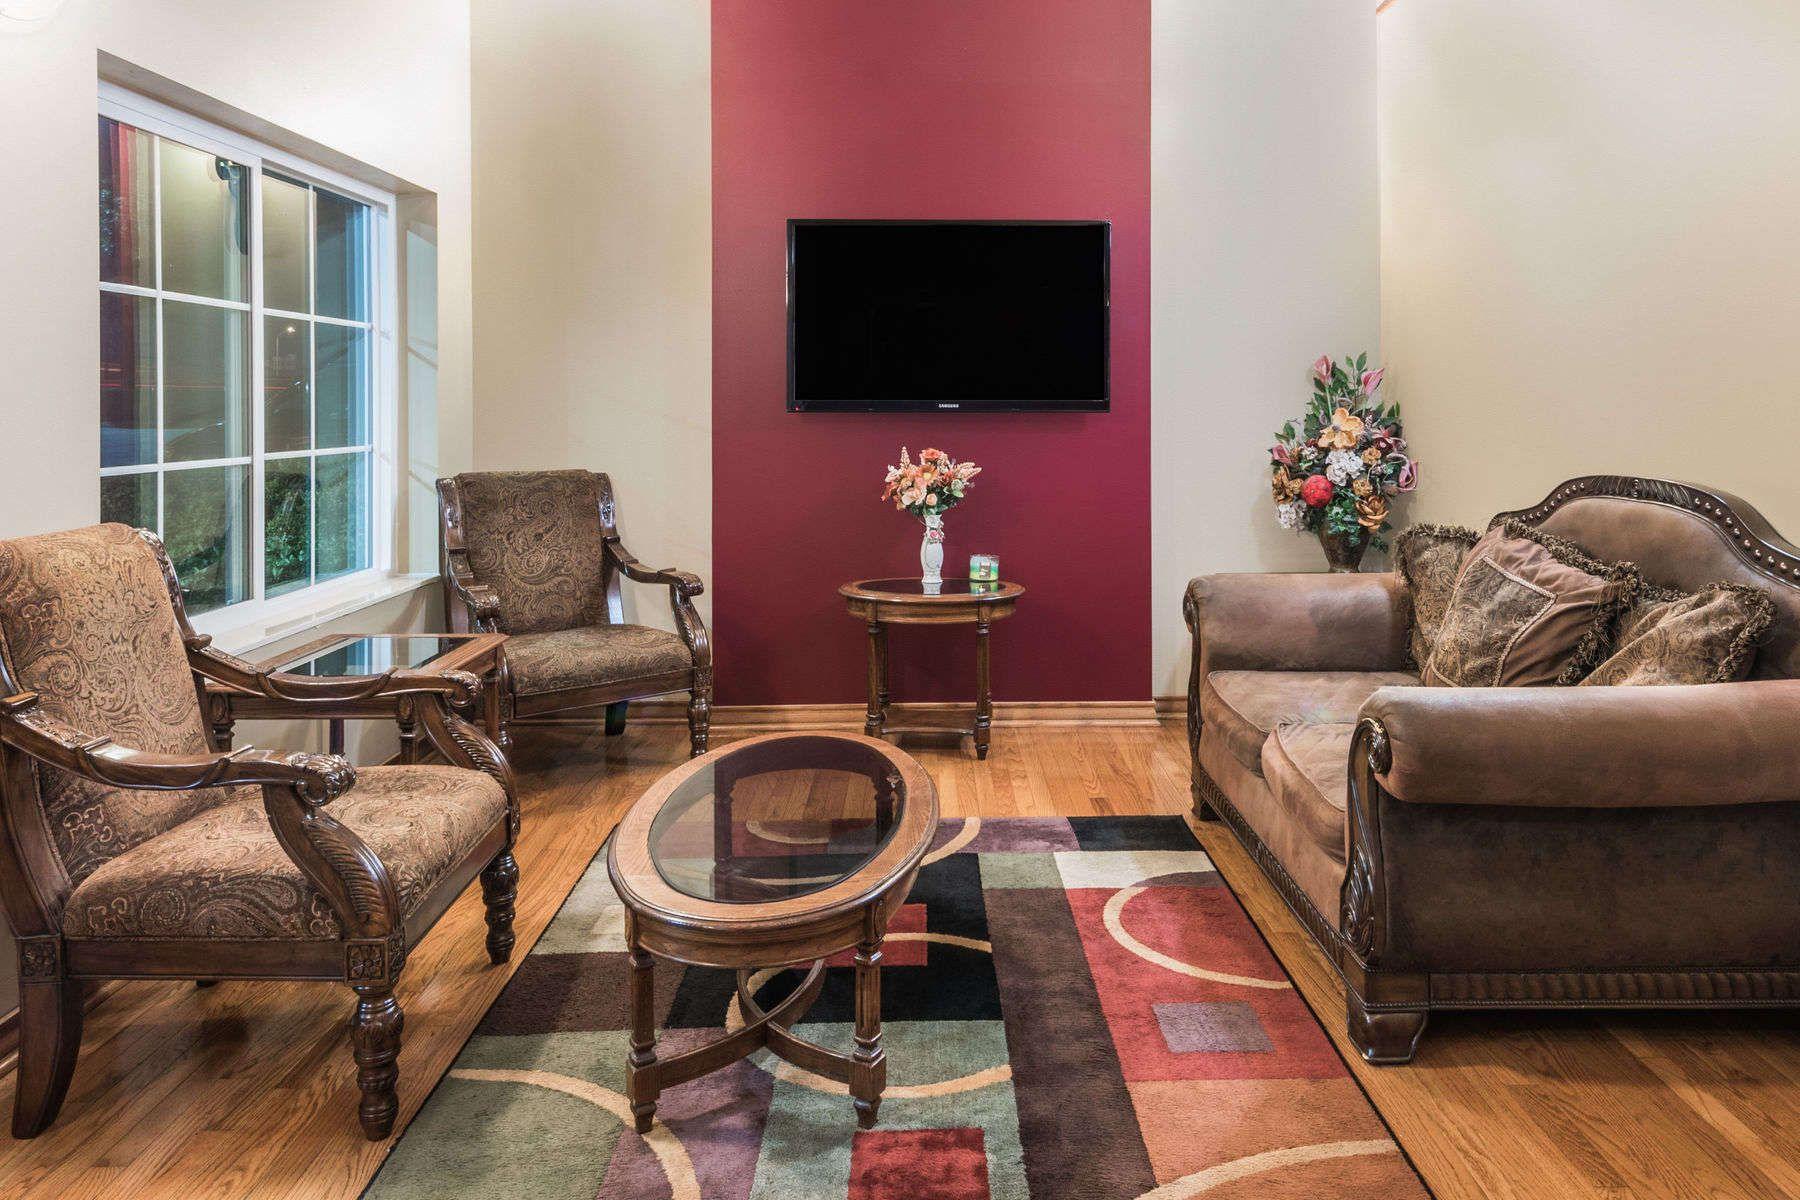 Get complete details on Super 8 Hotel Fort Worth TX